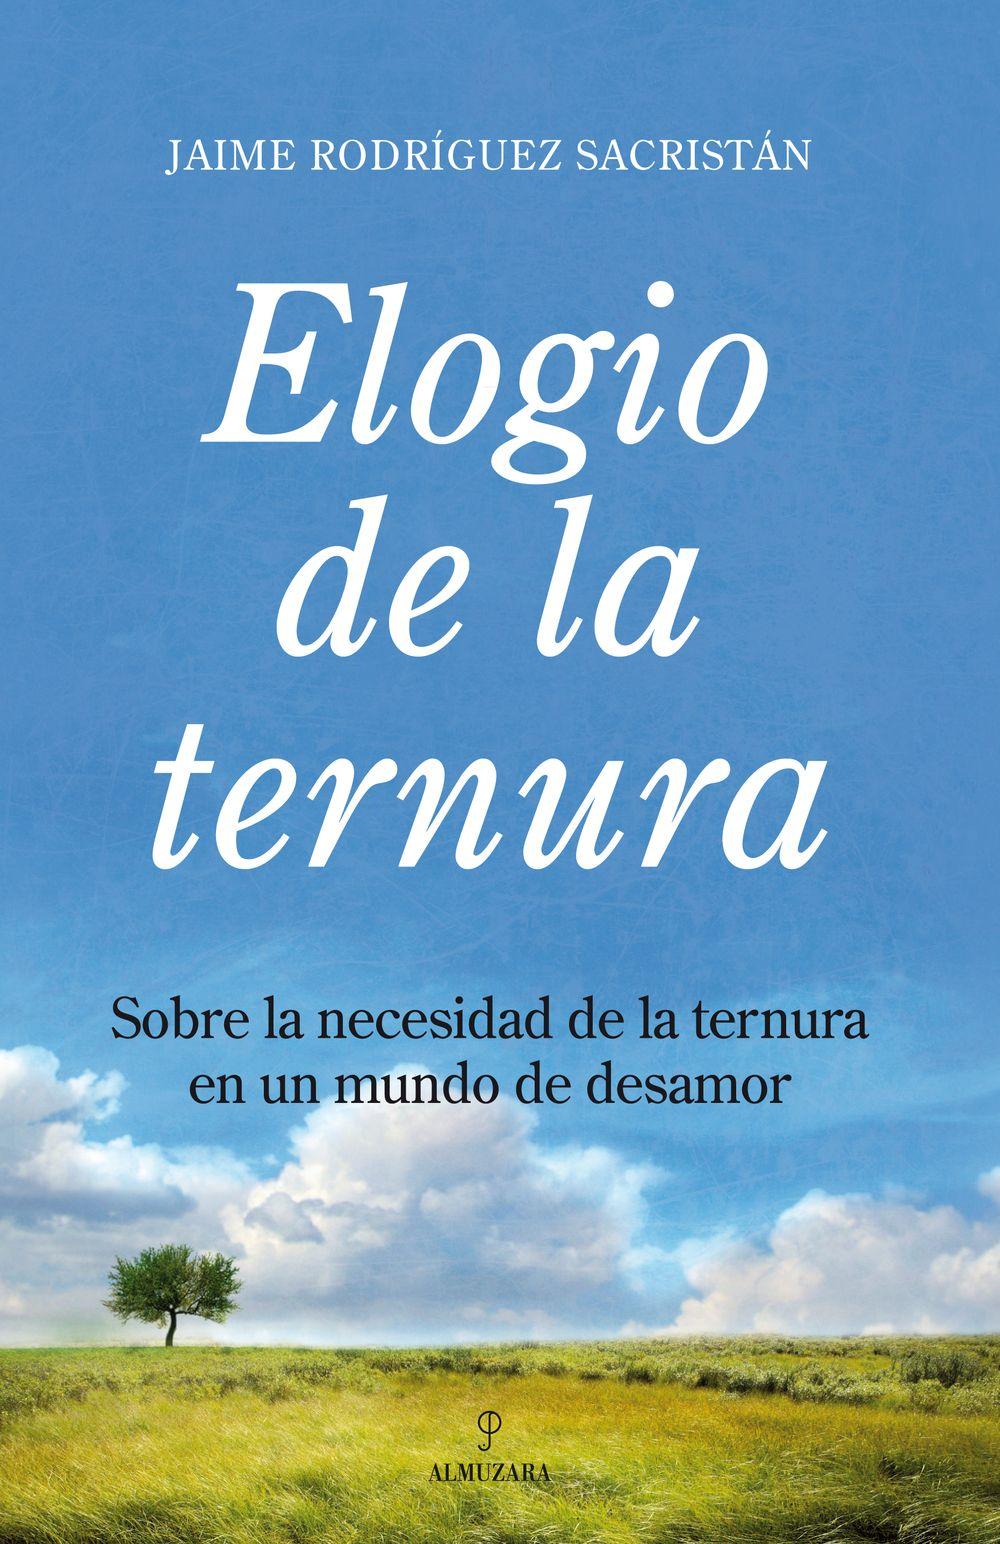 ELOGIO DE LA TERNURA